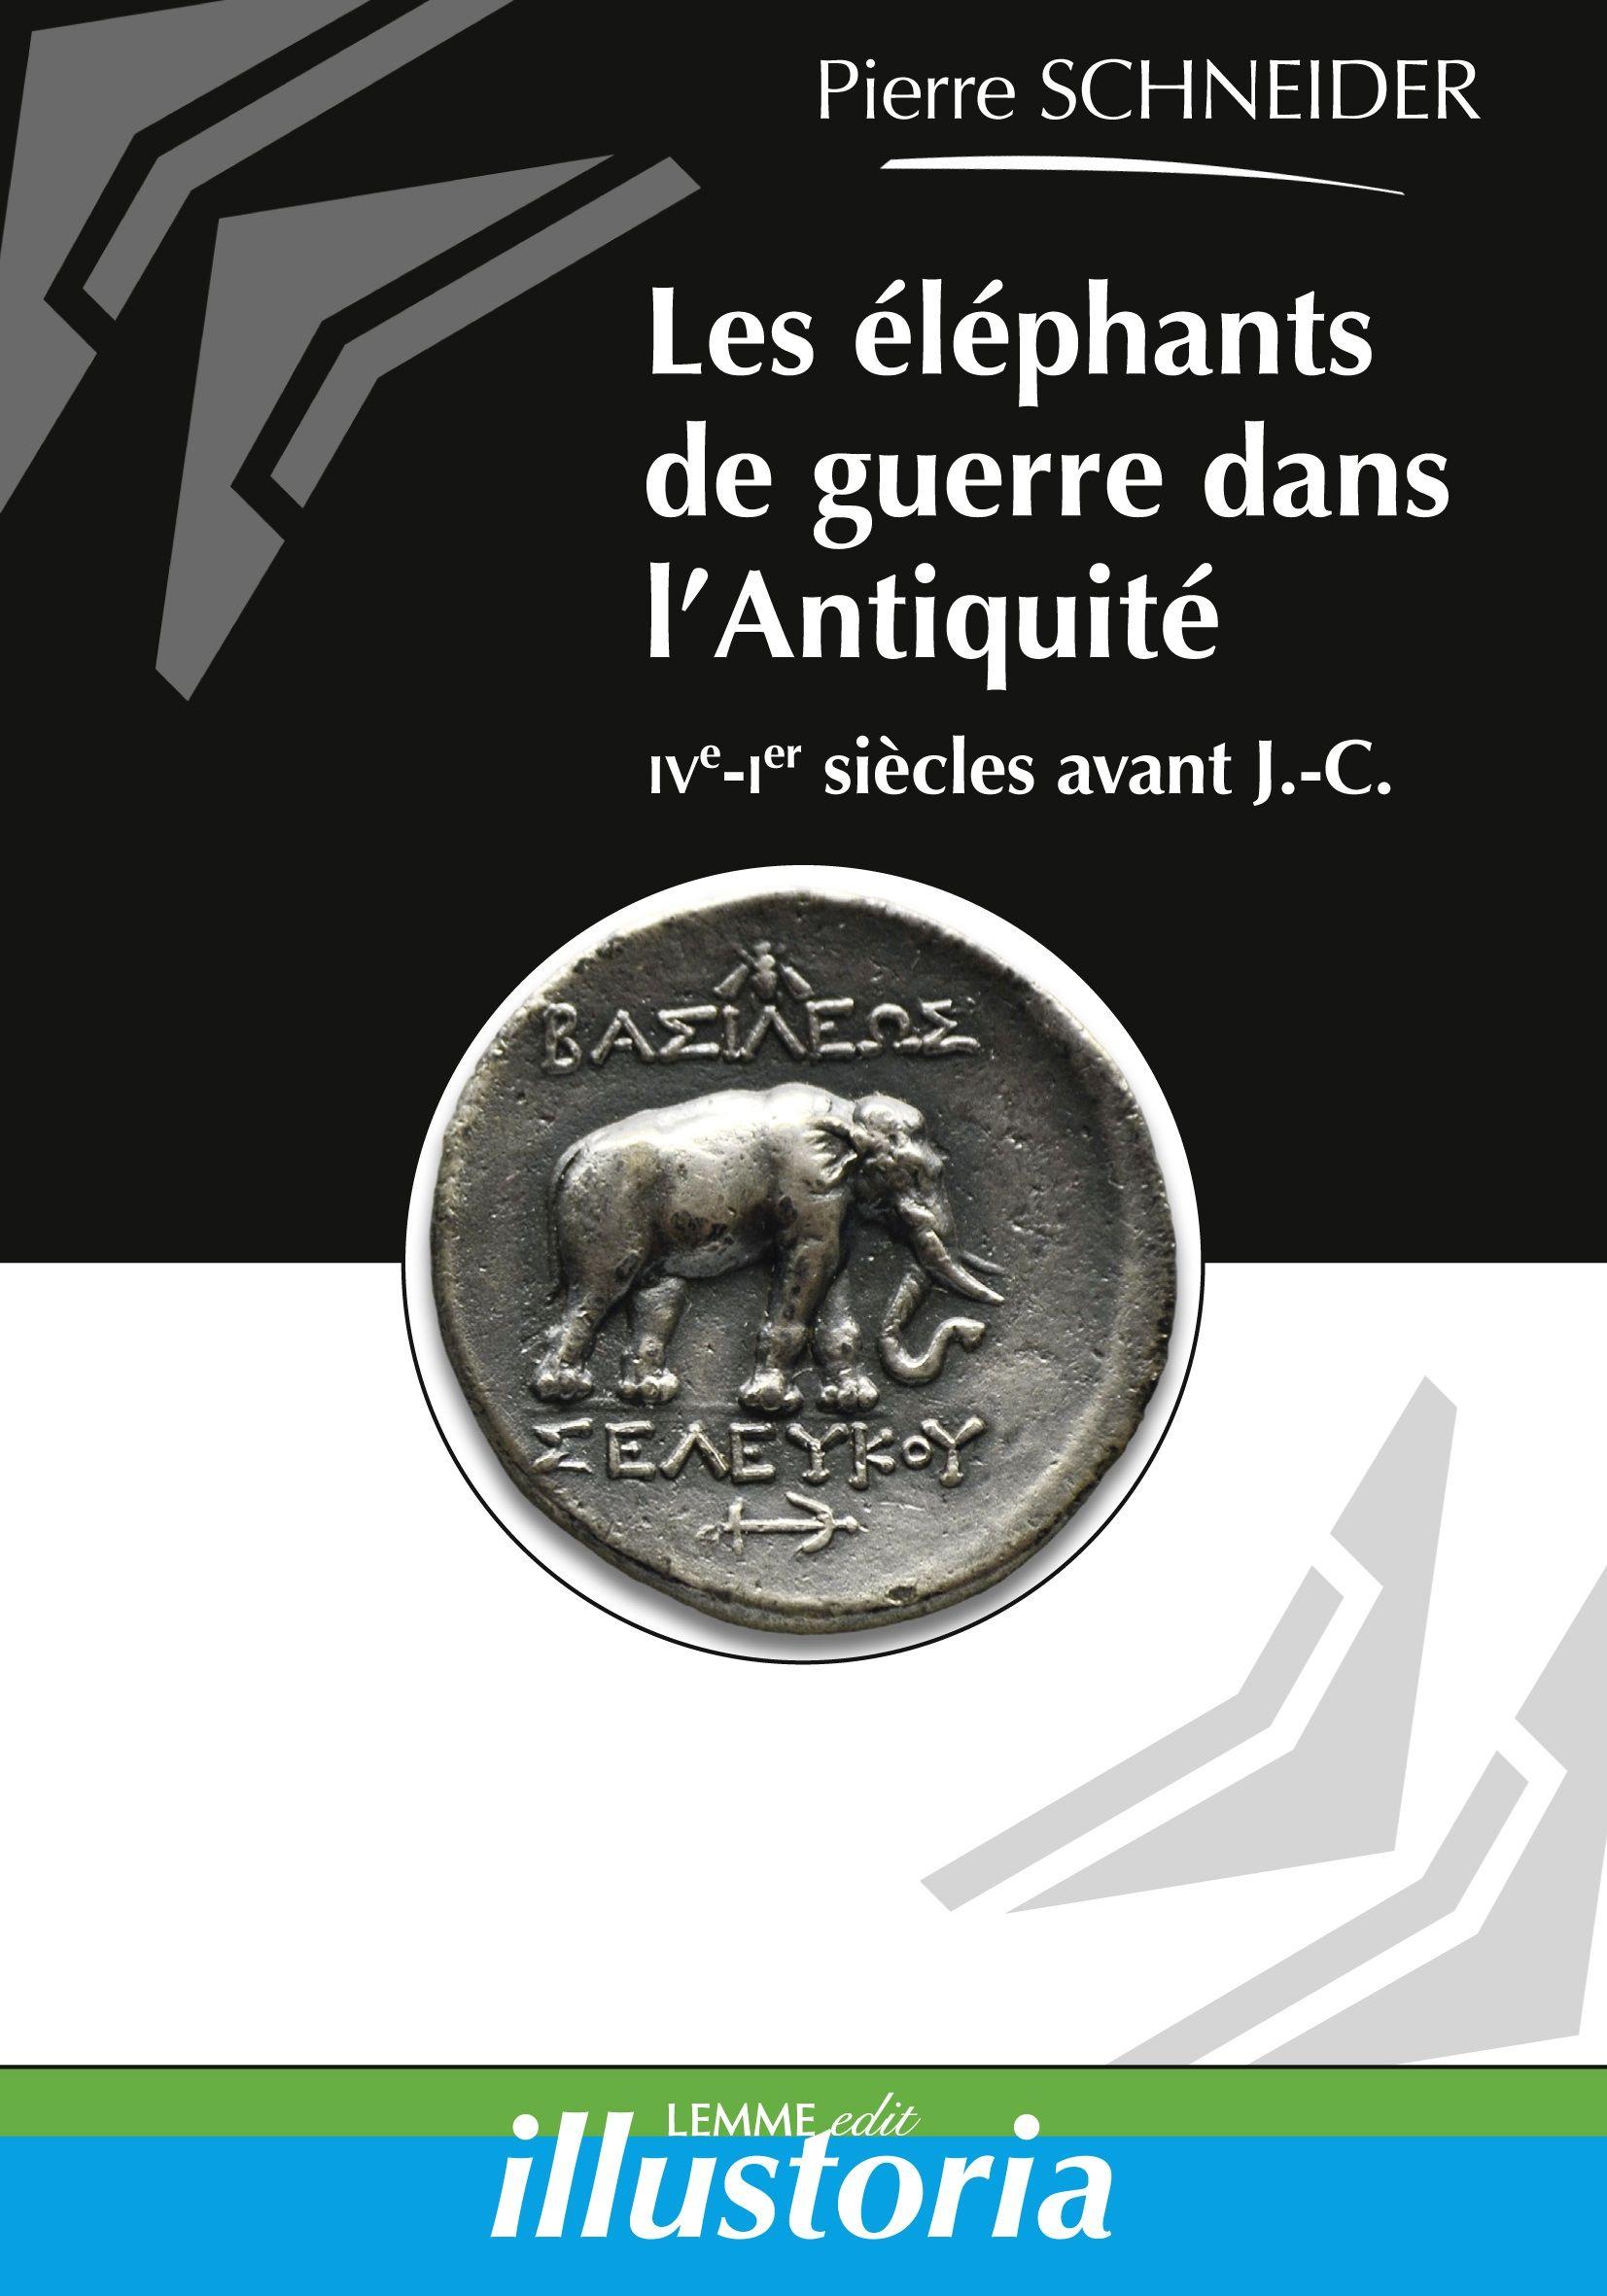 Les éléphants de guerre dans l'Antiquité, Pierre Schneider, ouvrage histoire ancienne, histoire romaine, Alexandre le Grand, éléphants.